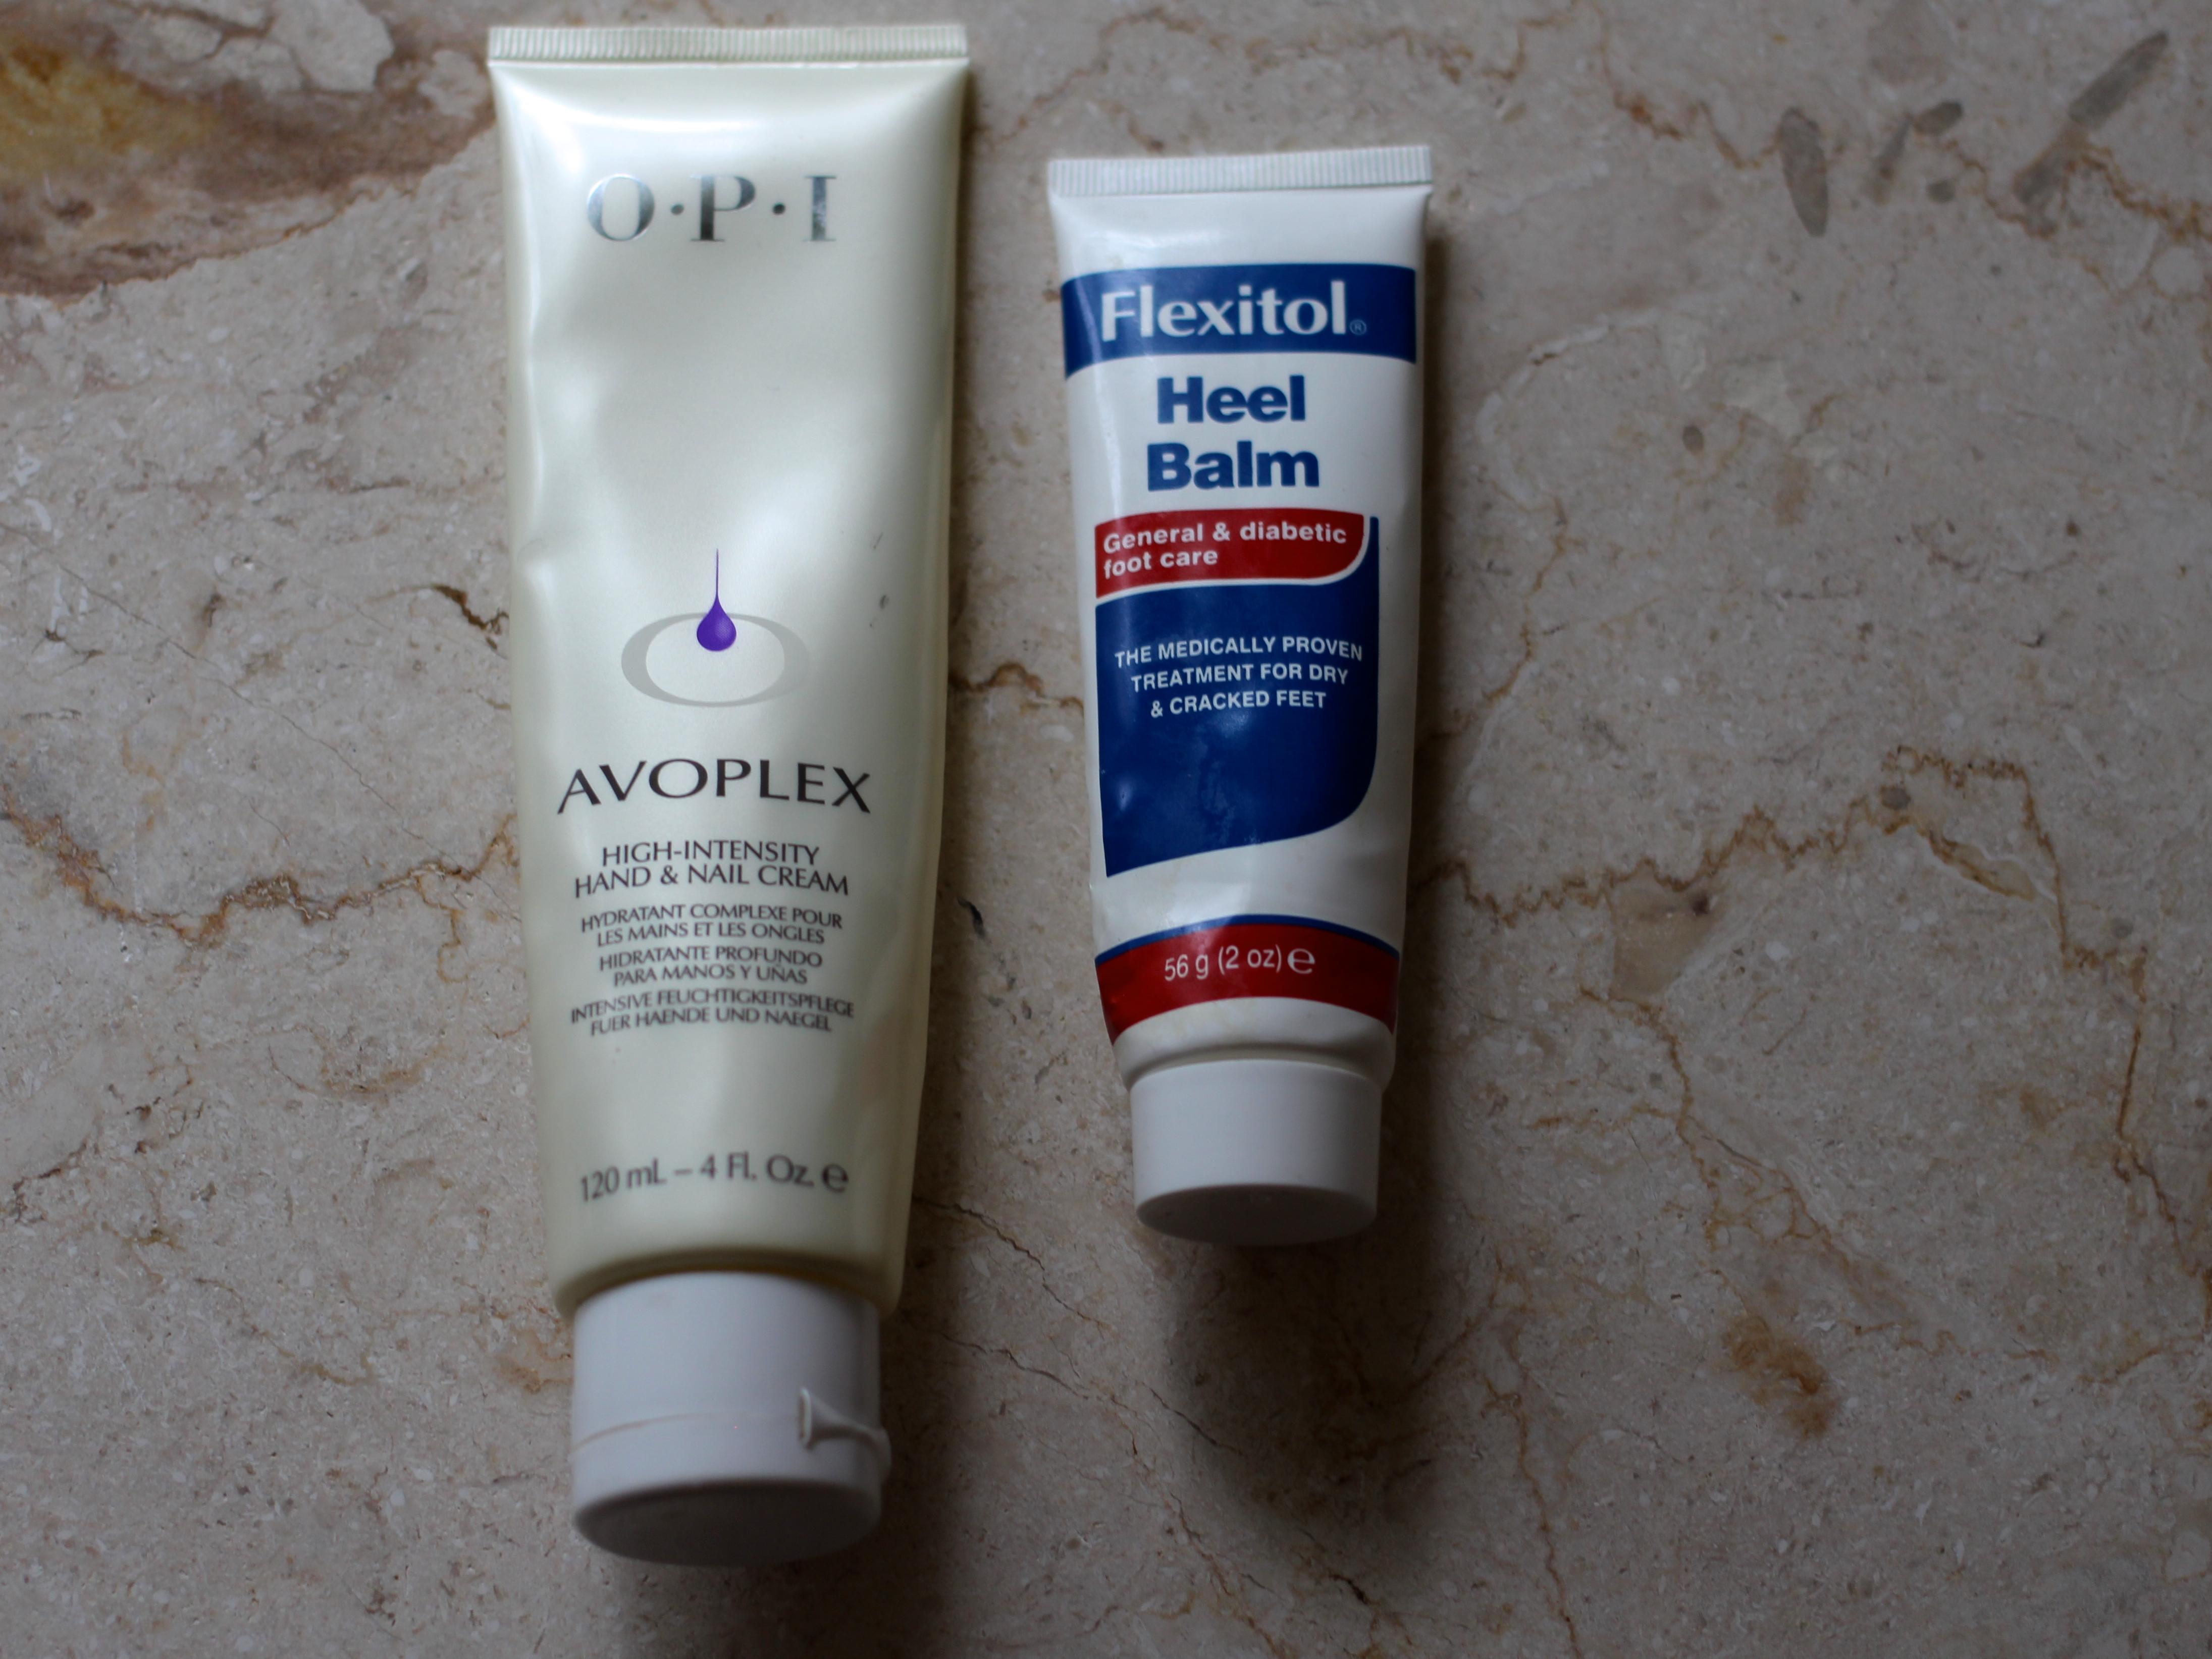 Hand and foot moisturiser